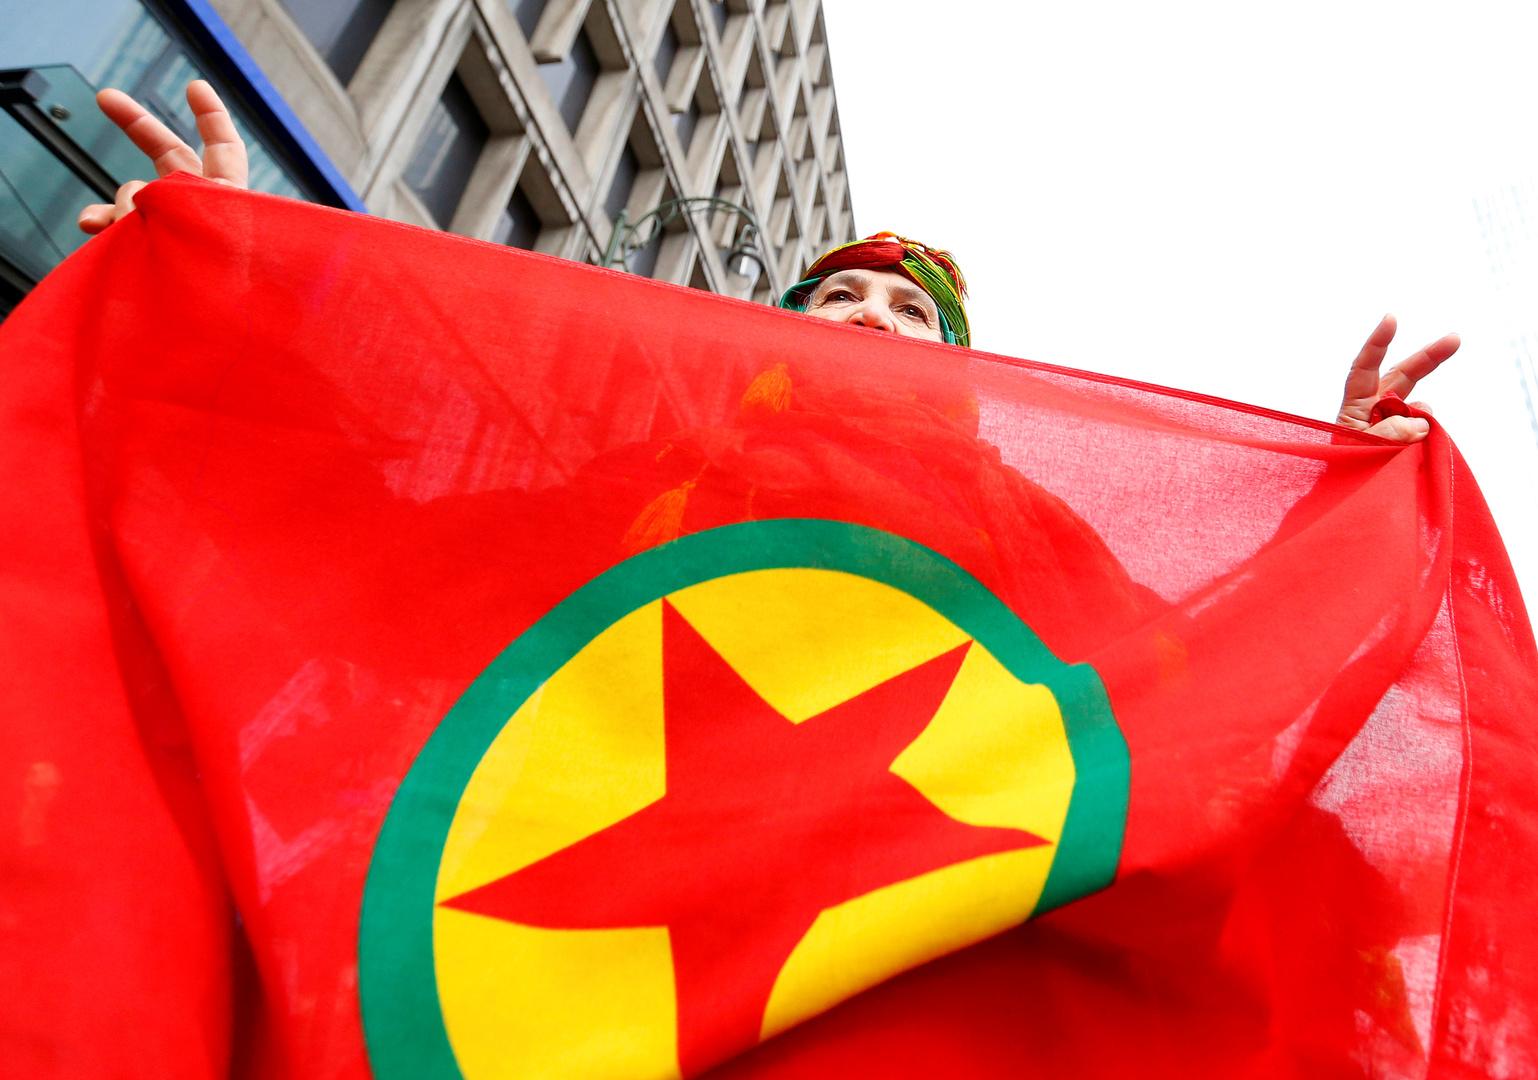 المجلس العربي: حزب العمال الكردستاني مزق العلم العراقي ورفع علمه في كركوك